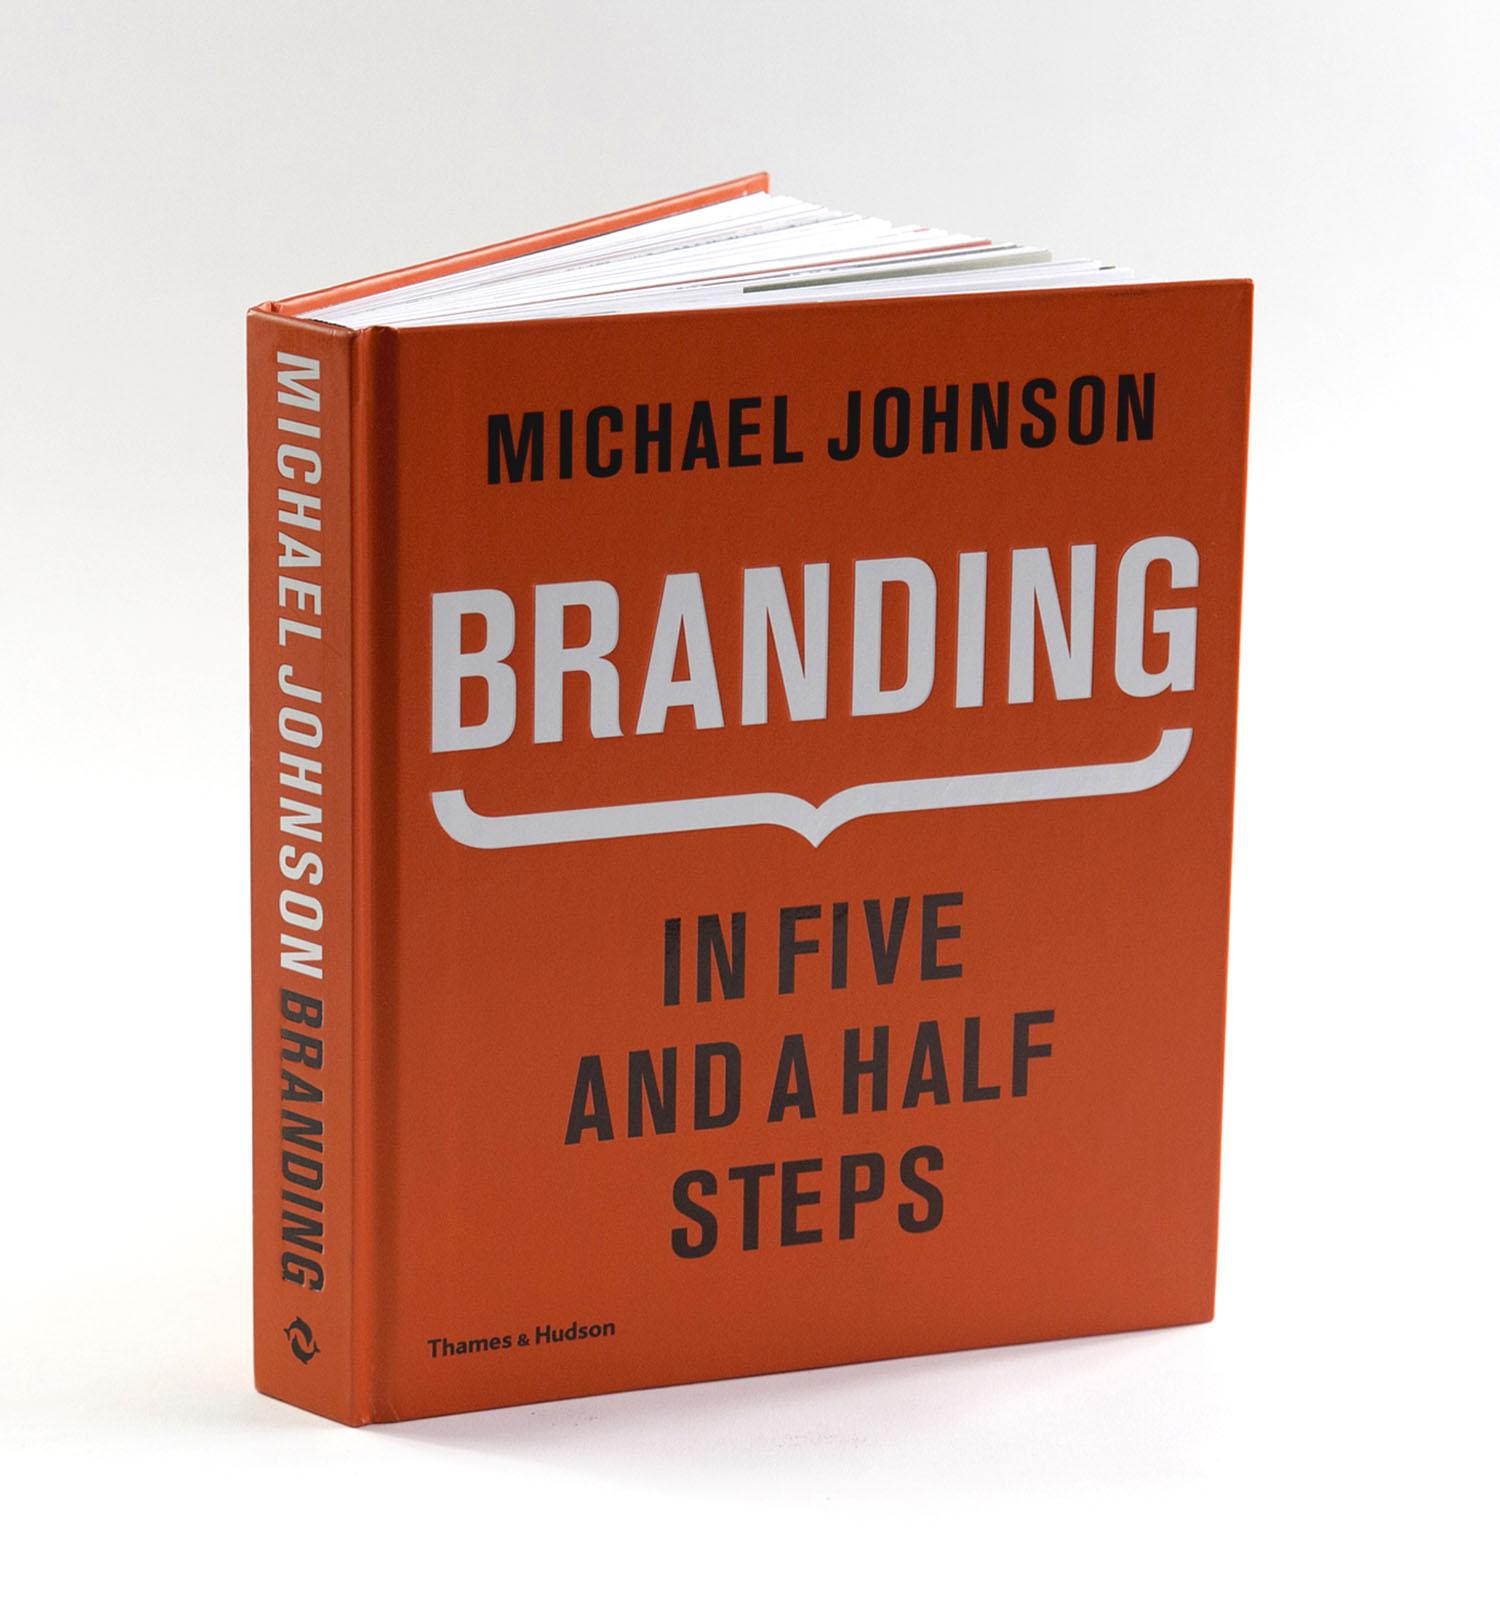 Branding_cover_1500.jpg